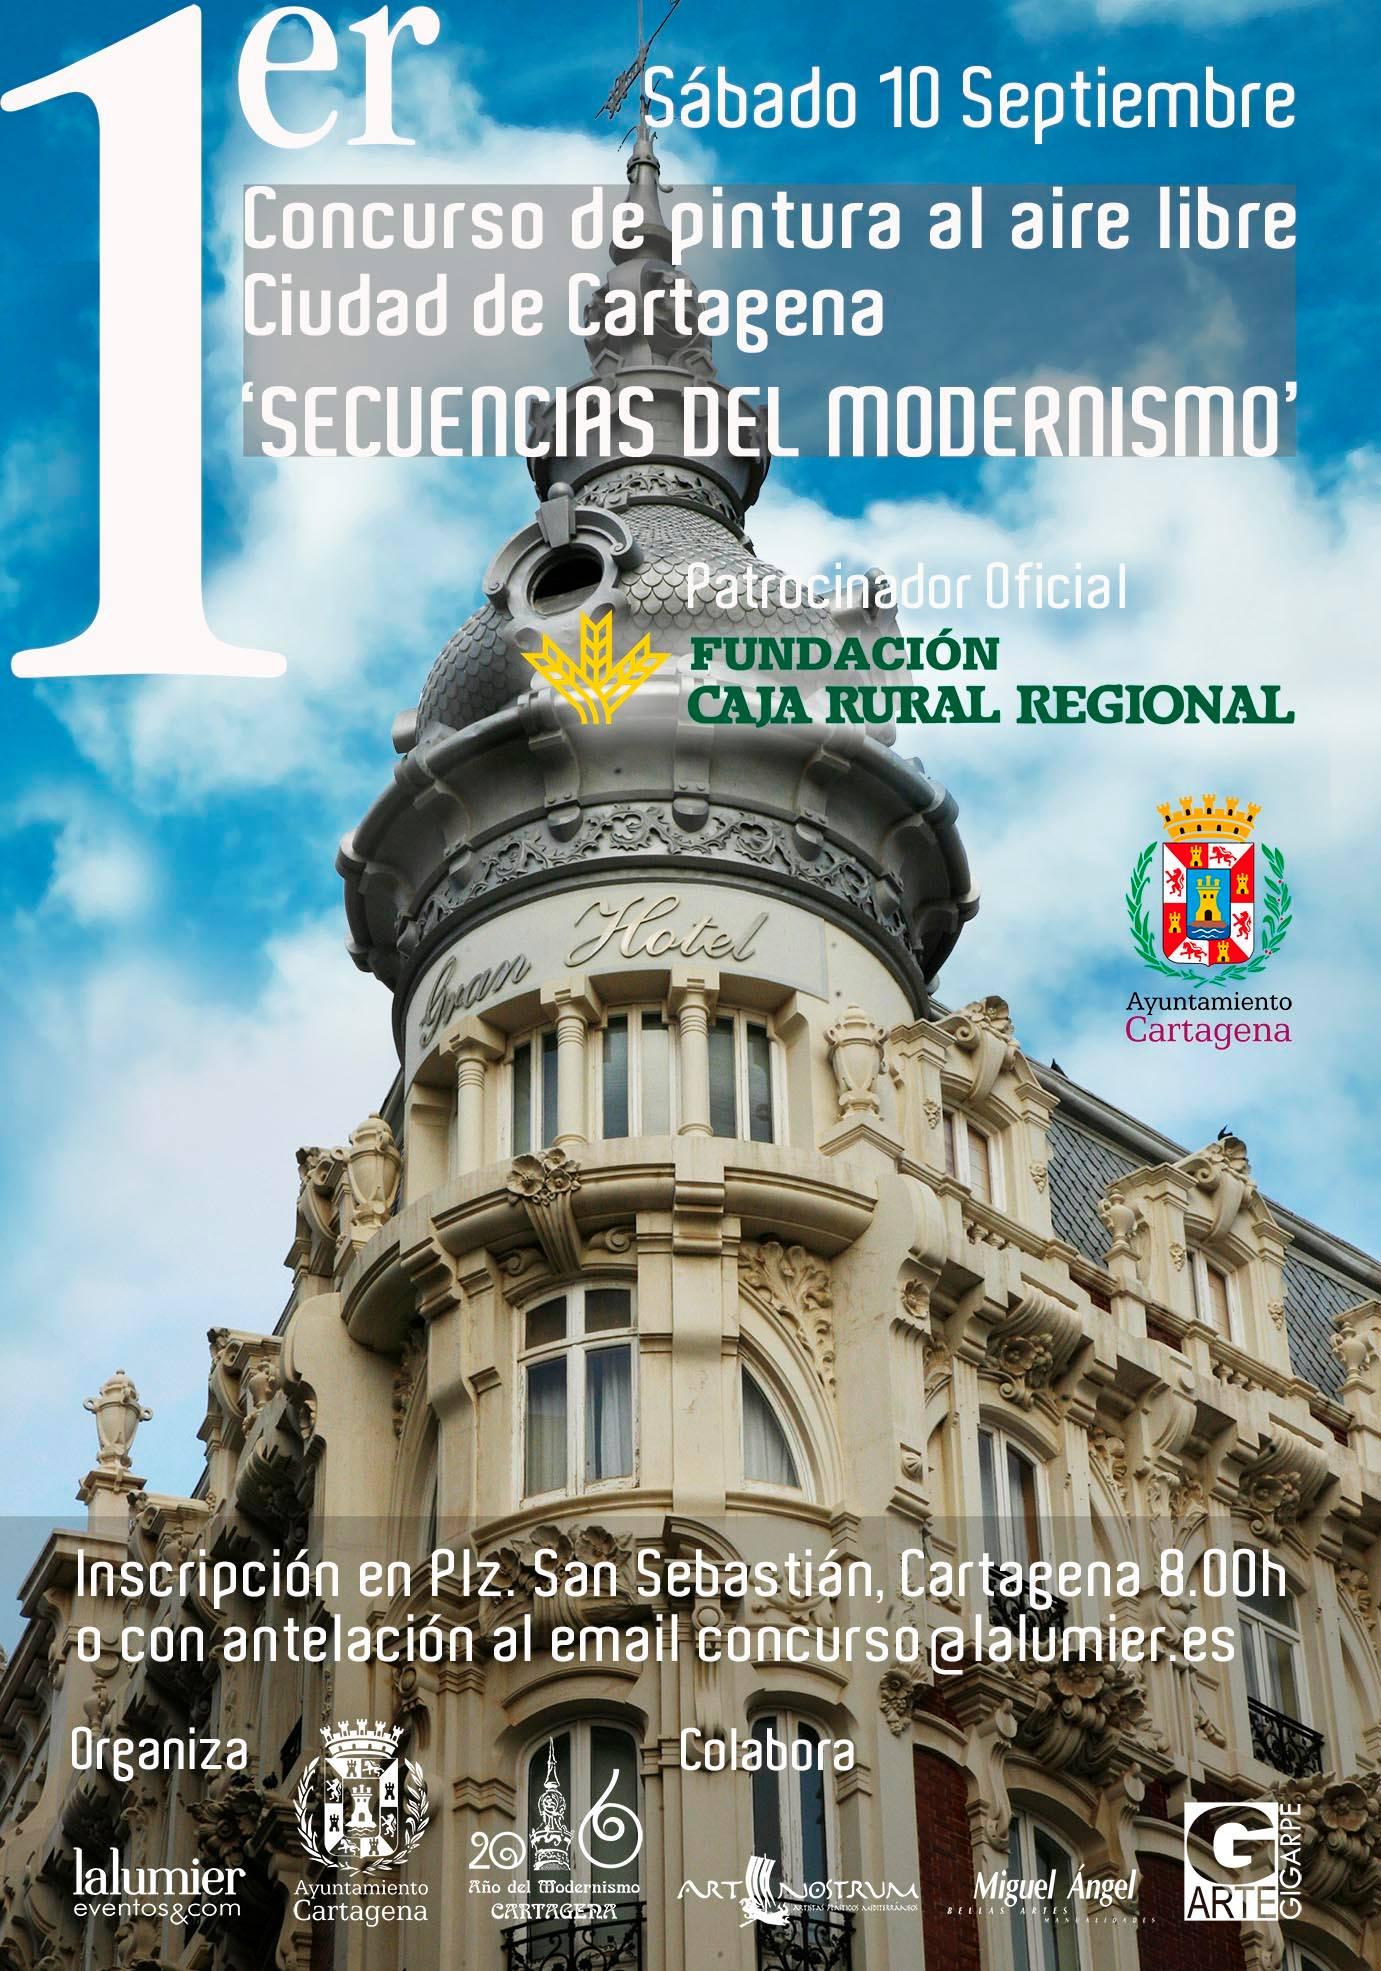 Cartel Concurso Pintura Cartagena